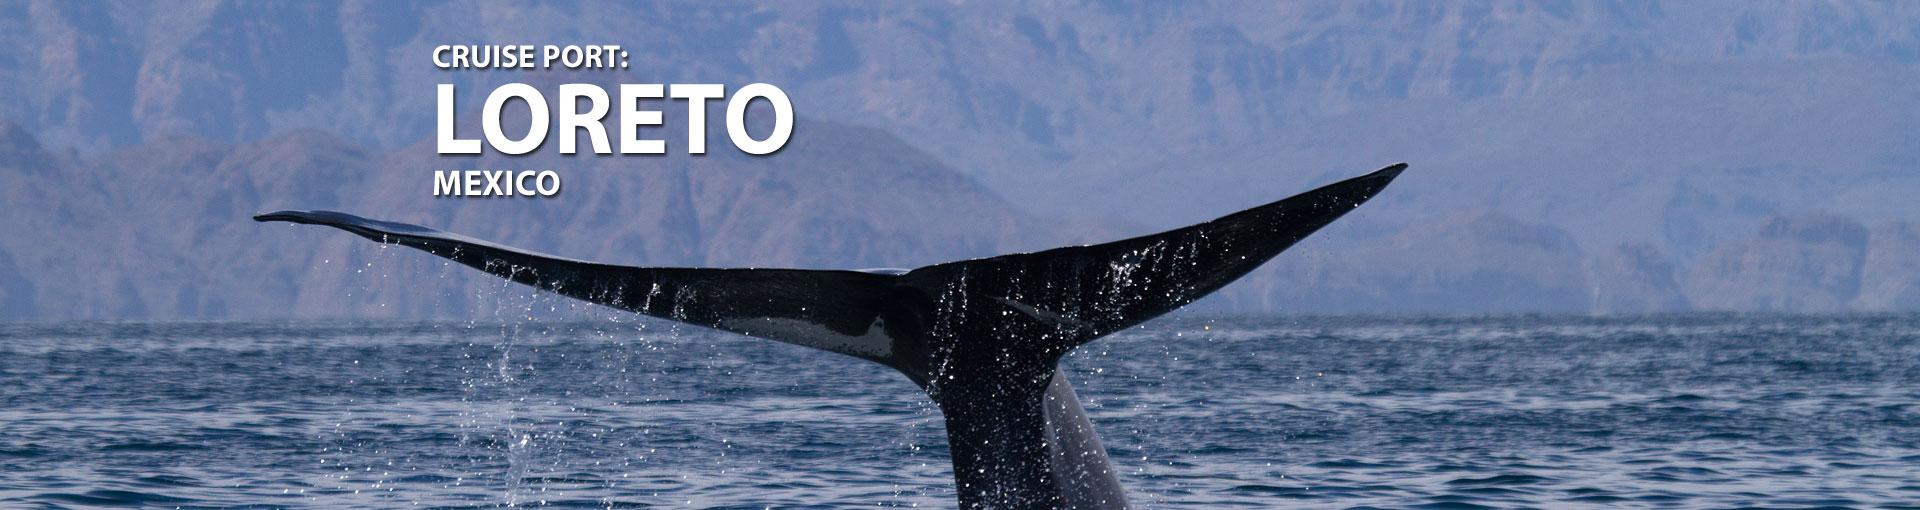 Cruises to Loreto, Mexico